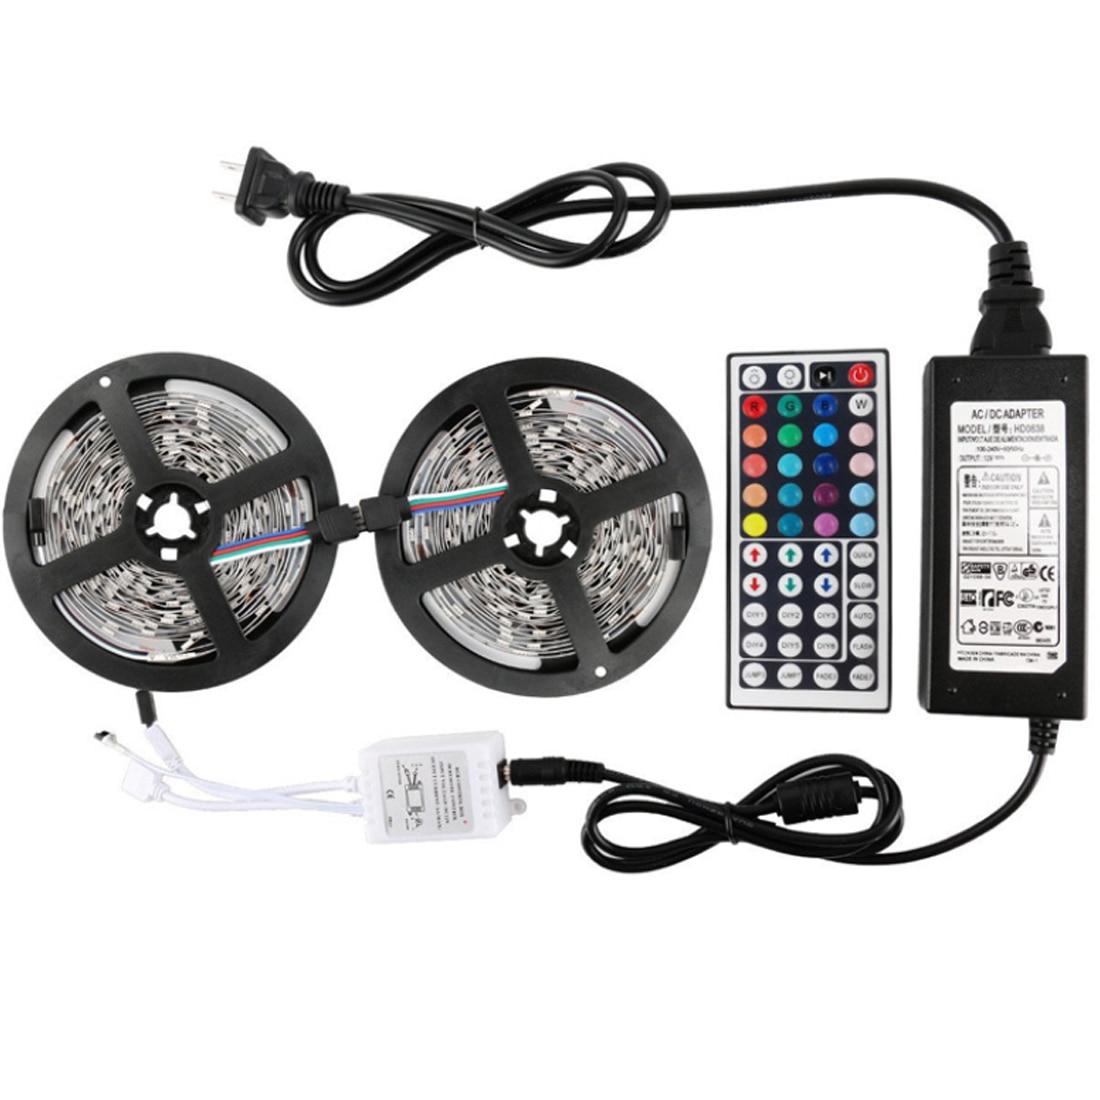 10 M 300 LED SMD 5050 RGB LED bande étanche DC 12 V lumière LED bandes flexibles néon bande Monochrome UK/EU prise